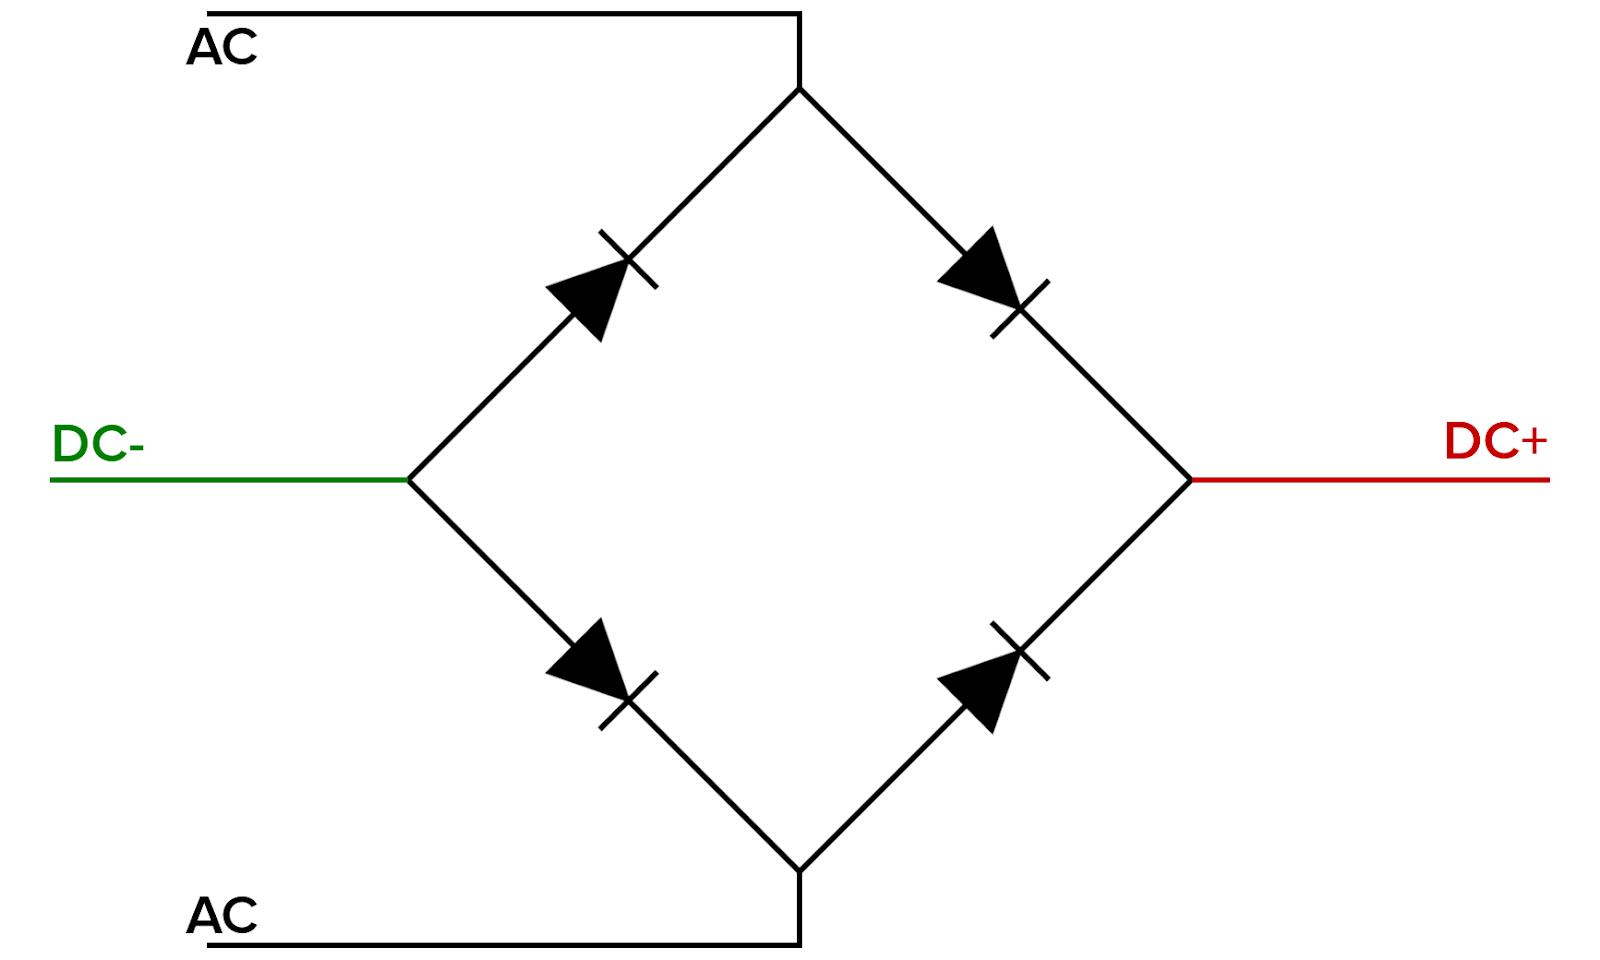 Bridge Rectifier Current Flow